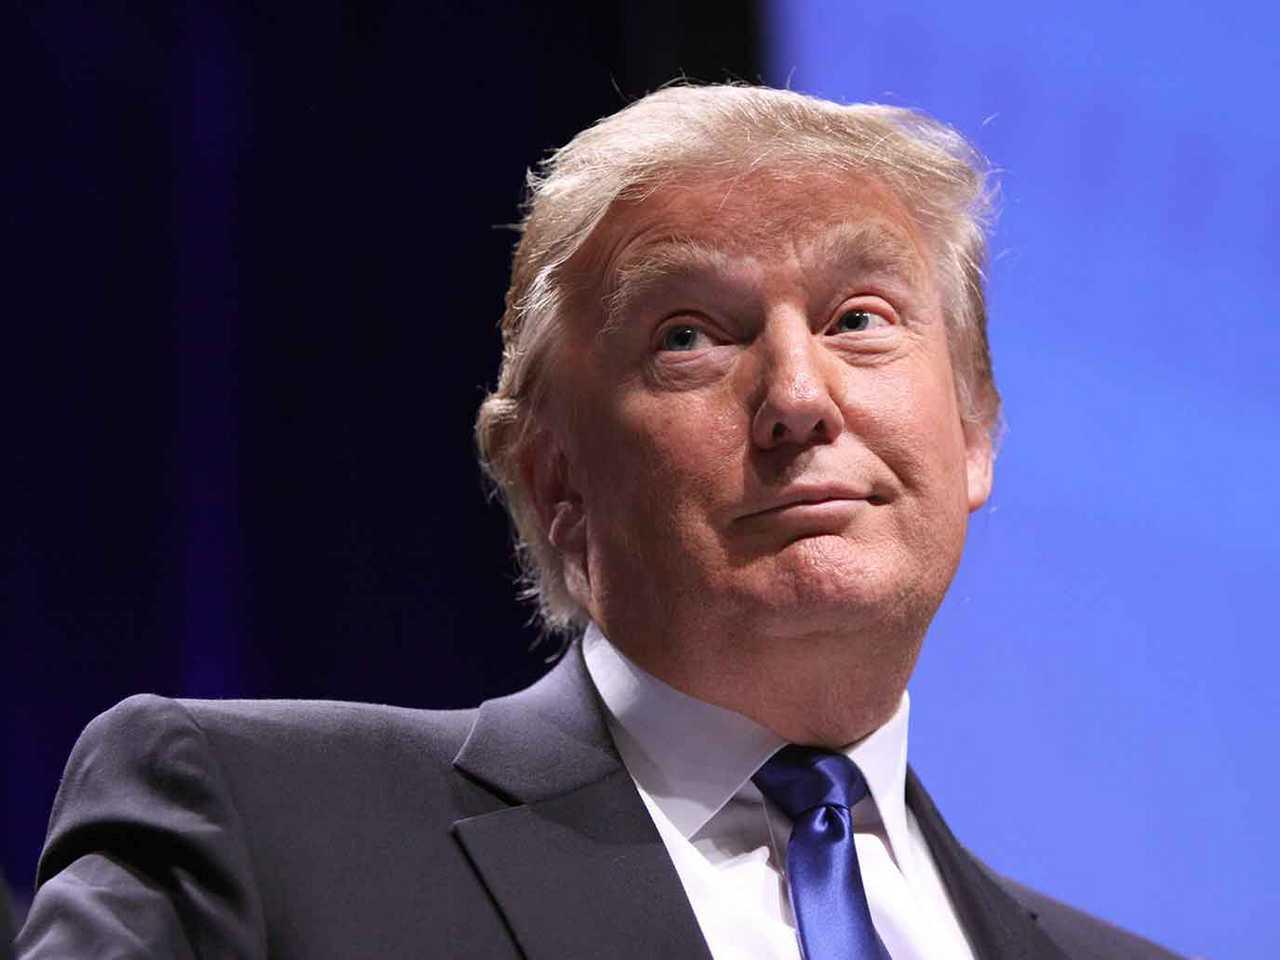 Едва ли в стане республиканцев найдется конкурент Трампу